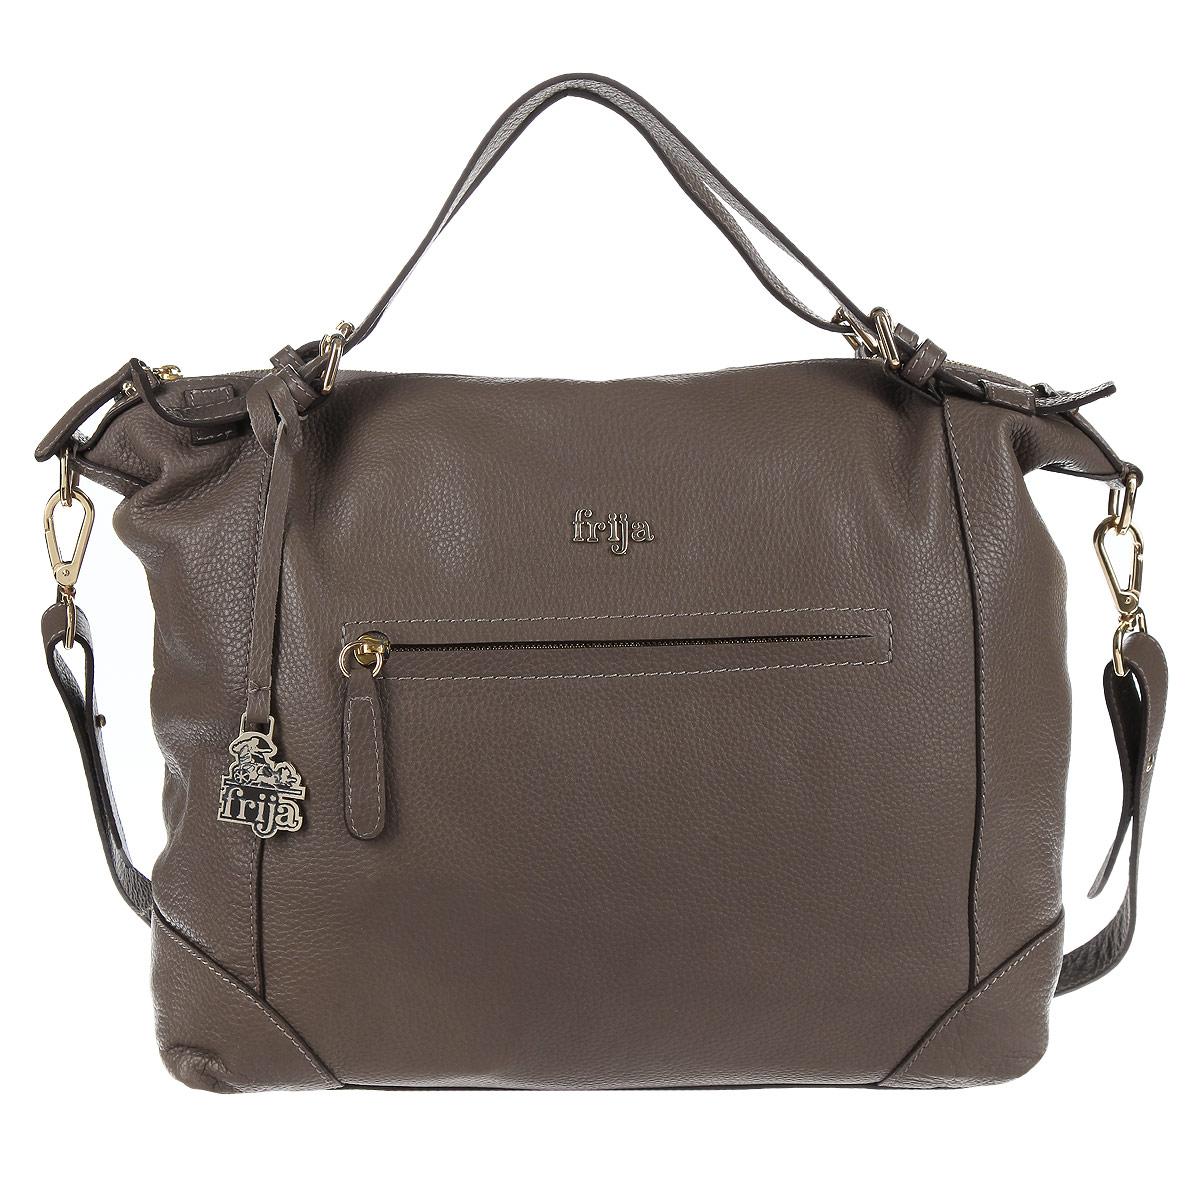 Сумка женская Frija, цвет: серый. 21-0173-1321-0173-13Стильная женская сумка Frija выполнена из натуральной кожи в классическом стиле. Внутри сумки одно основное отделение и два внутренних кармана для телефона и мелочей, два из которых на молнии. Снаружи сумка закрывается на молнию. Также снаружи на передней и задней стенке есть два декоративных ремешка с подвеской на коже из металла и один карман (на передней стенке), который закрывается на молнию. Длина плечевого ремня 104 см. В комплекте чехол для хранения. Роскошная сумка внесёт элегантные нотки в ваш образ и подчеркнёт отменное чувство стиля. - размер: длина по дну— 35,5 см, ширина - 13 см, высота - 26 см, высота ручек - 13 см, длина съемного плечевого ремня - 87 см - внутри сумки одно основное отделение и три внутренних кармана для телефона и мелочей, один из которых на молнии - снаружи сумка закрывается на молнию, на передней стенке карман на молнии